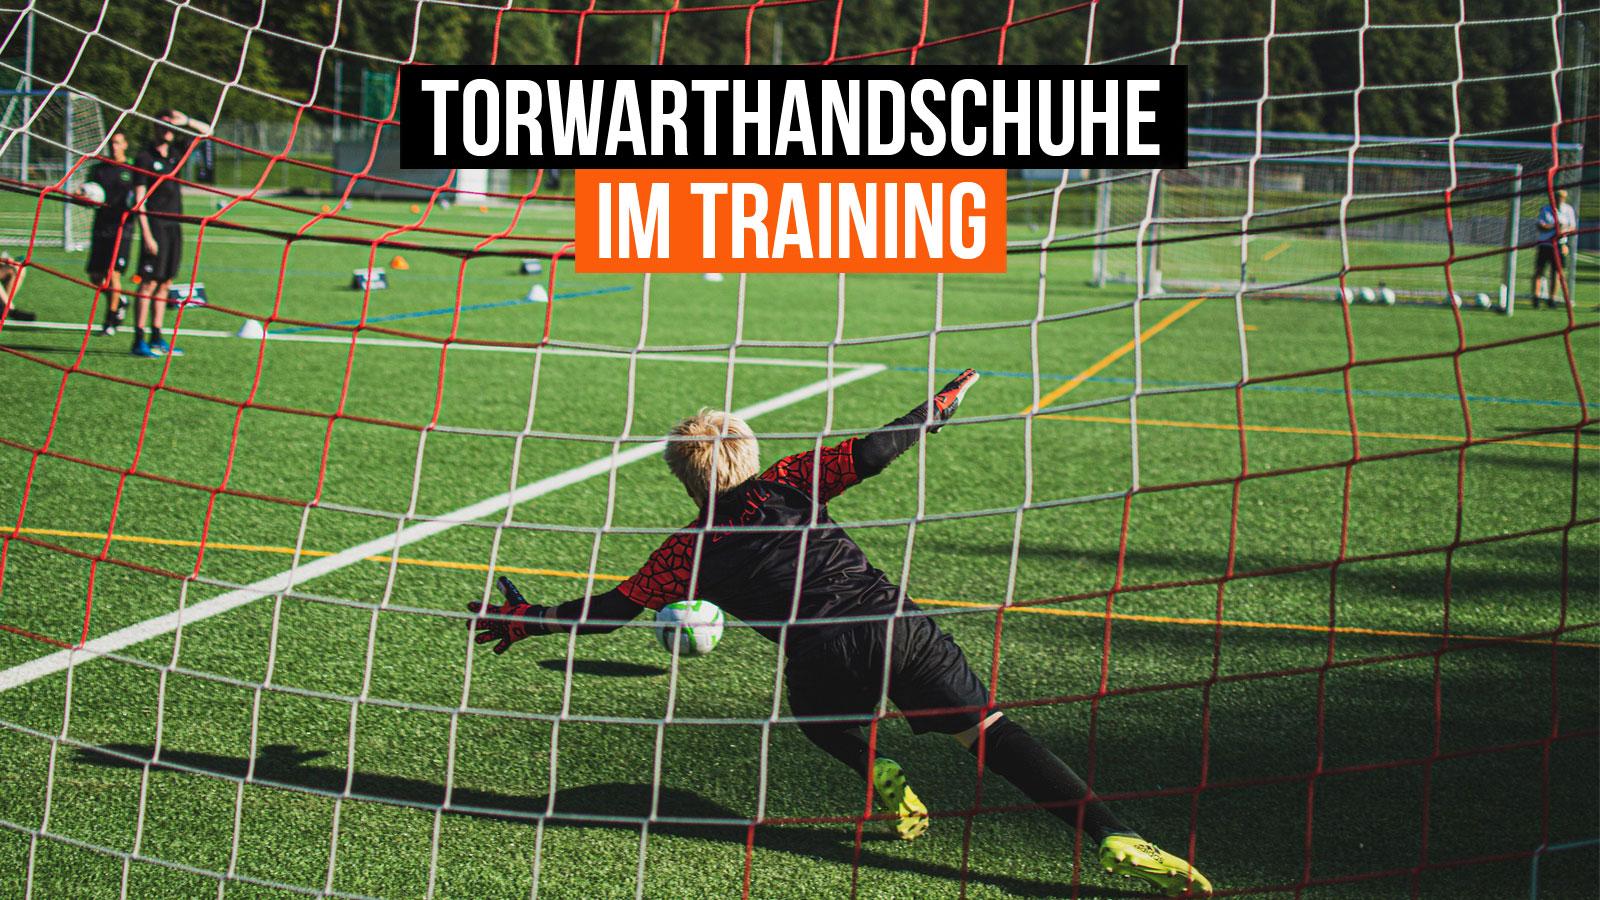 Neue Torwarthandschuhe im Training tragen